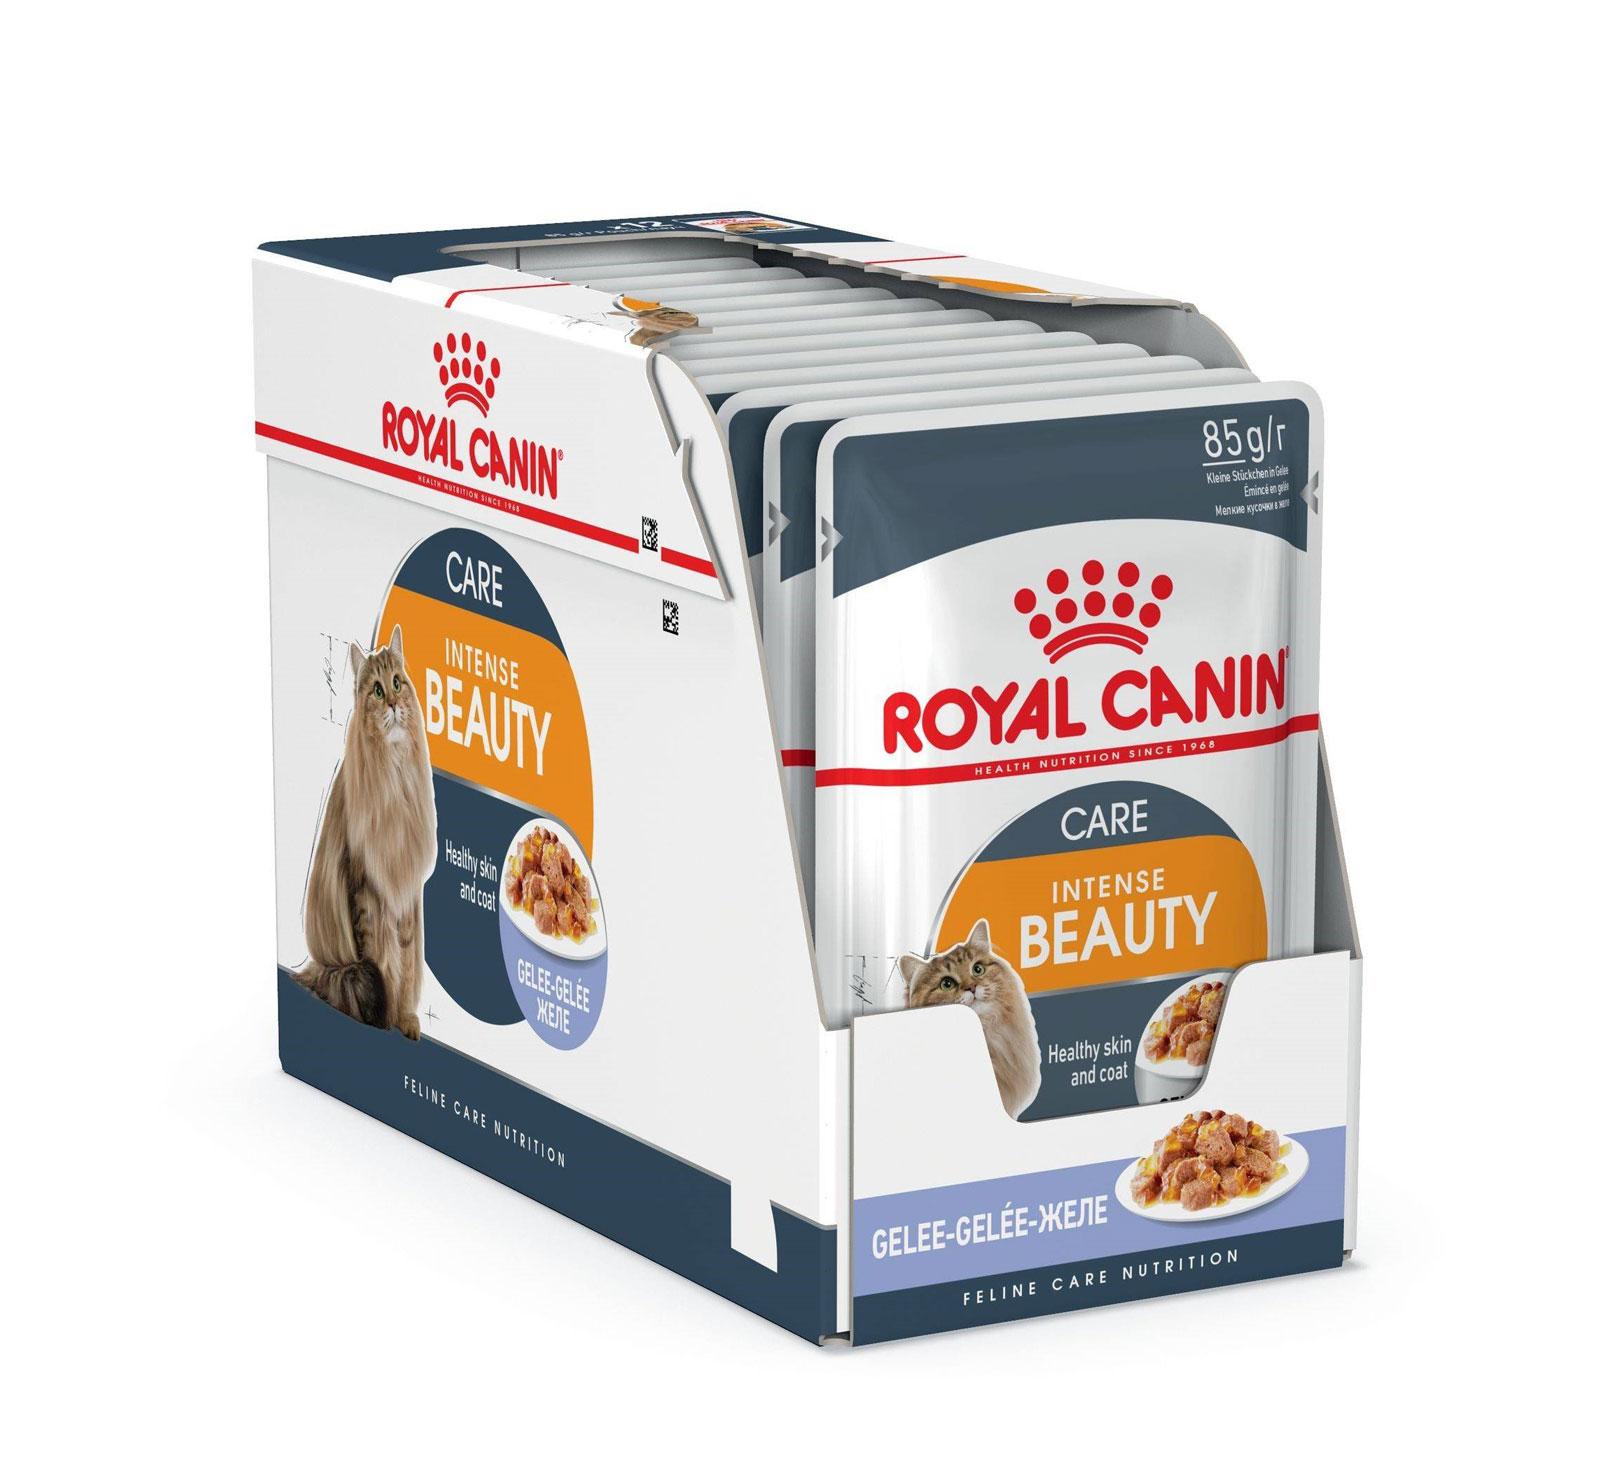 ROYAL CANIN INTENSE BEAUTY CARE wet in Jelly – вологий корм, шматочки в желе, для дорослих котів для підтримки краси шерсті